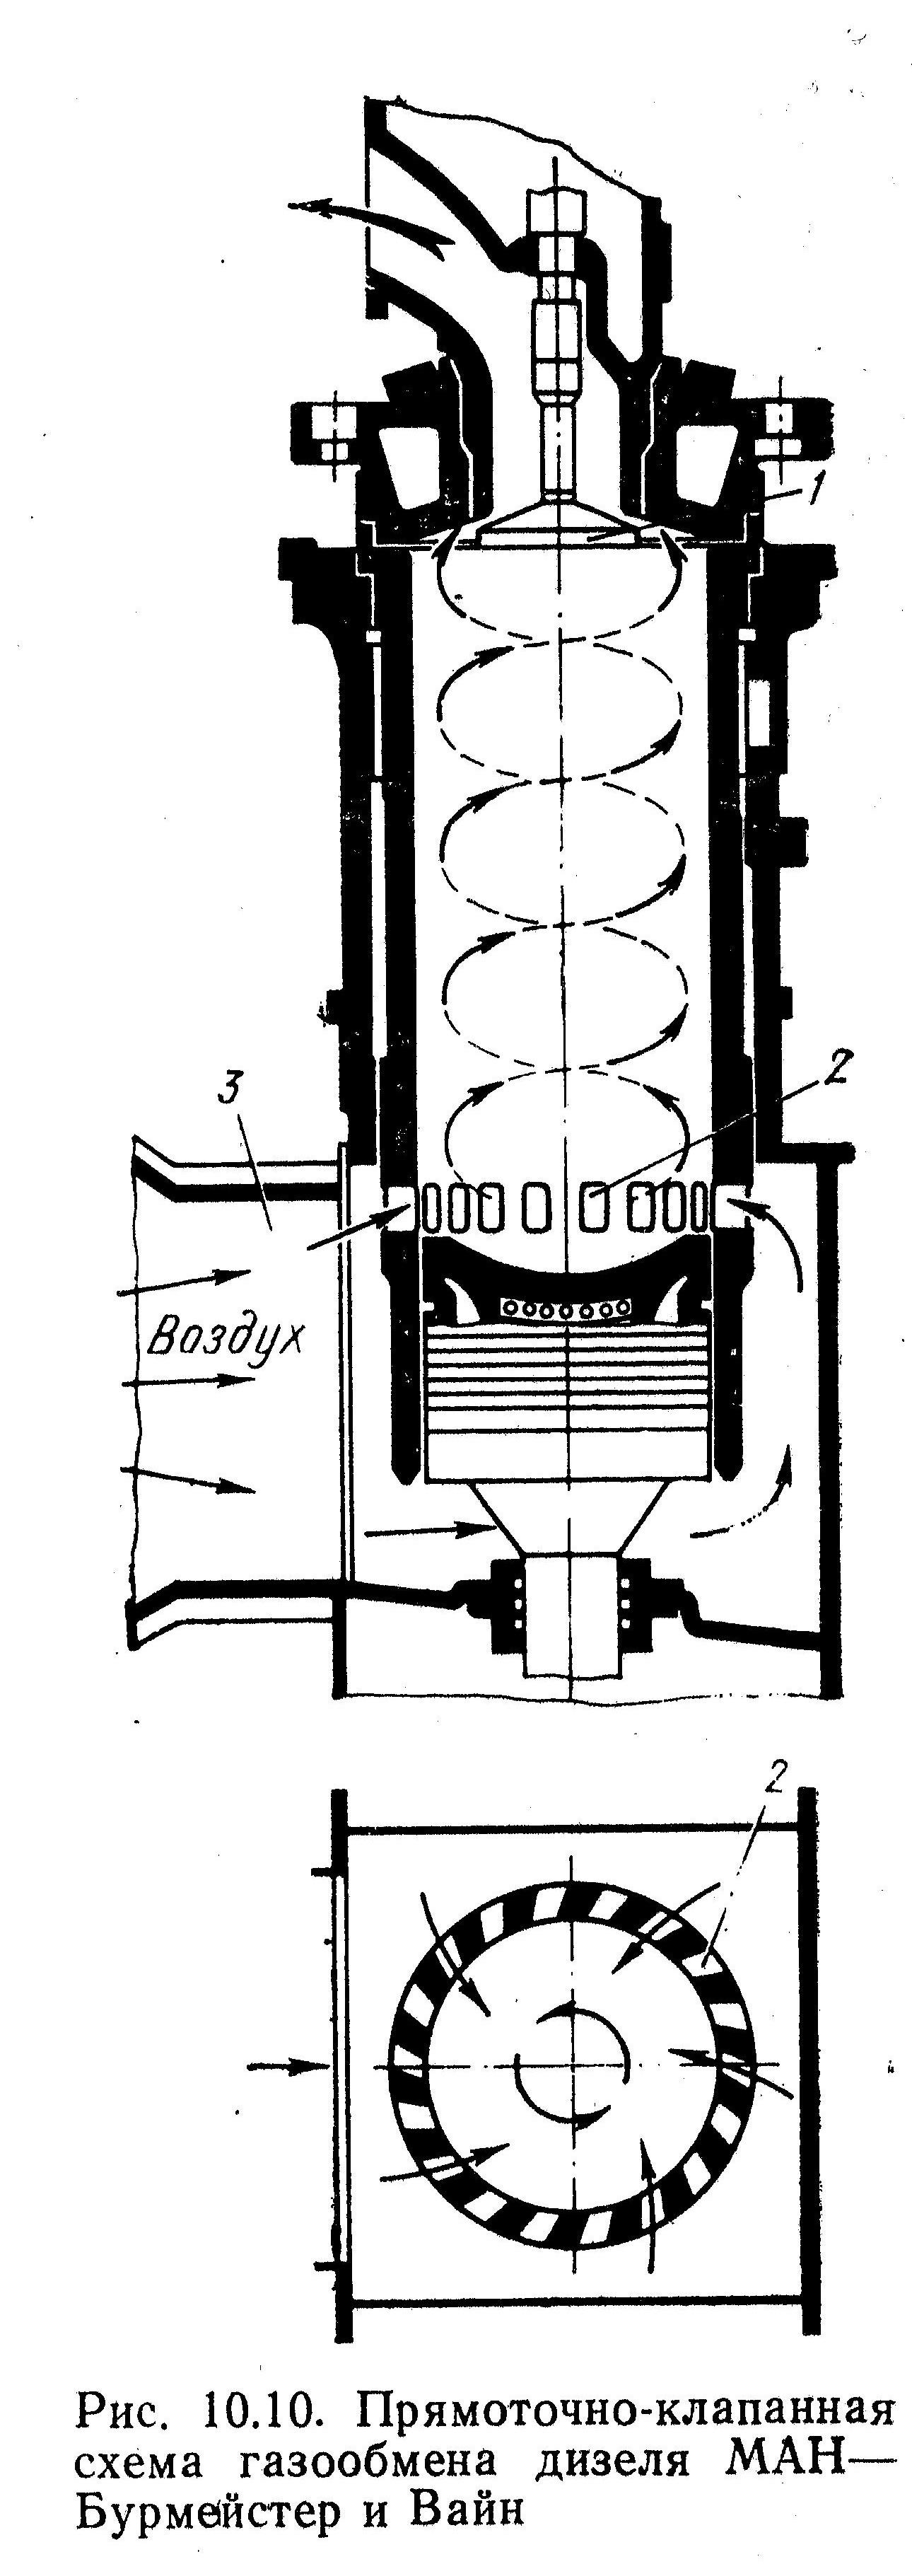 D:\AMИ\3 СЭУ\Kонспект СЭУ\67 Схемы газообмена Основные параметры заряда воздуха. Весовой заряд воздуха. Факторы, влияющие\23 001.jpg